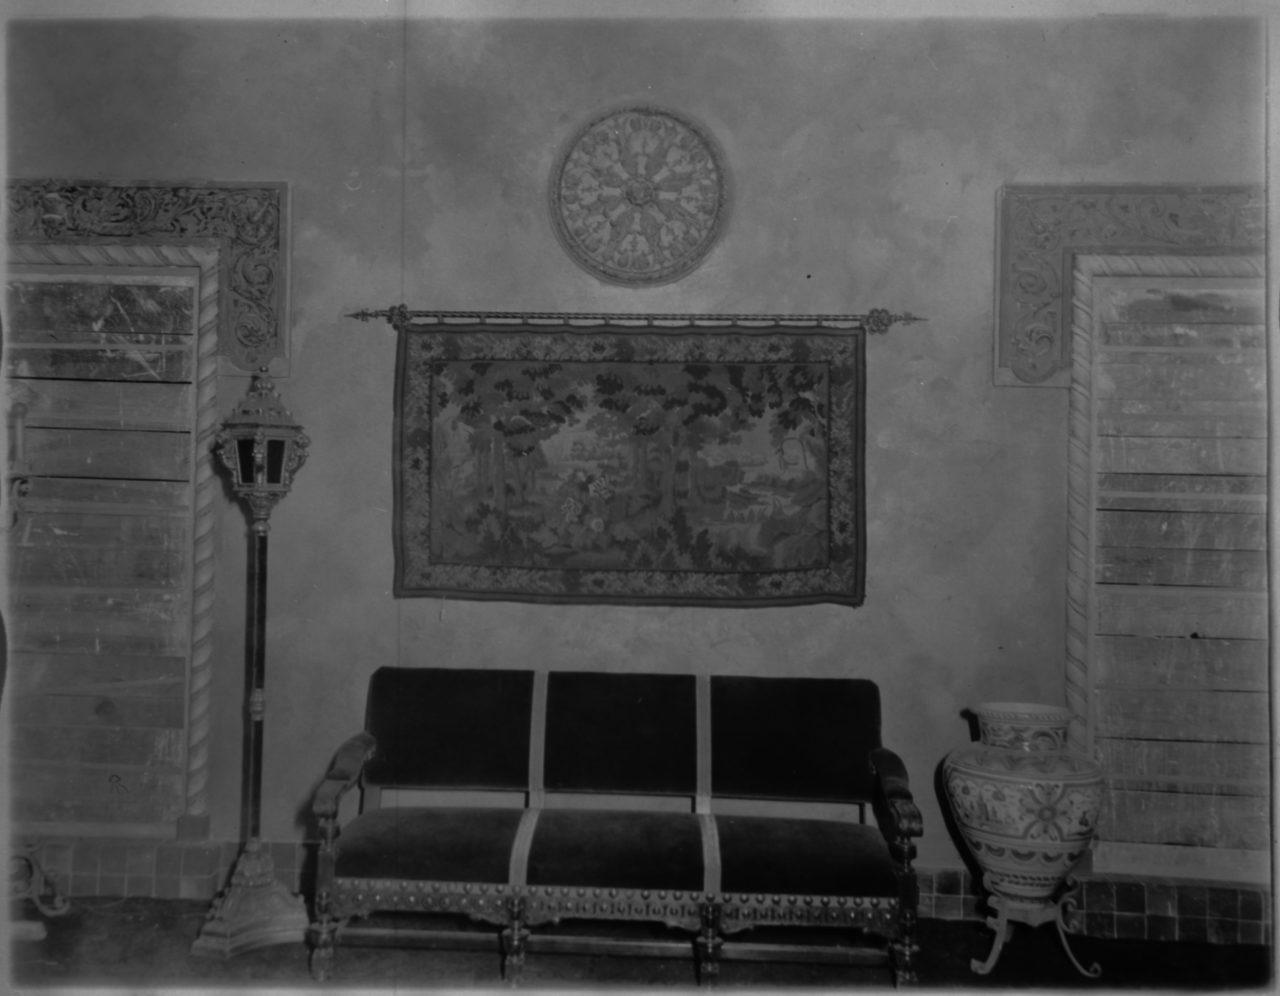 Mezzanine Lobby - c. 1930's